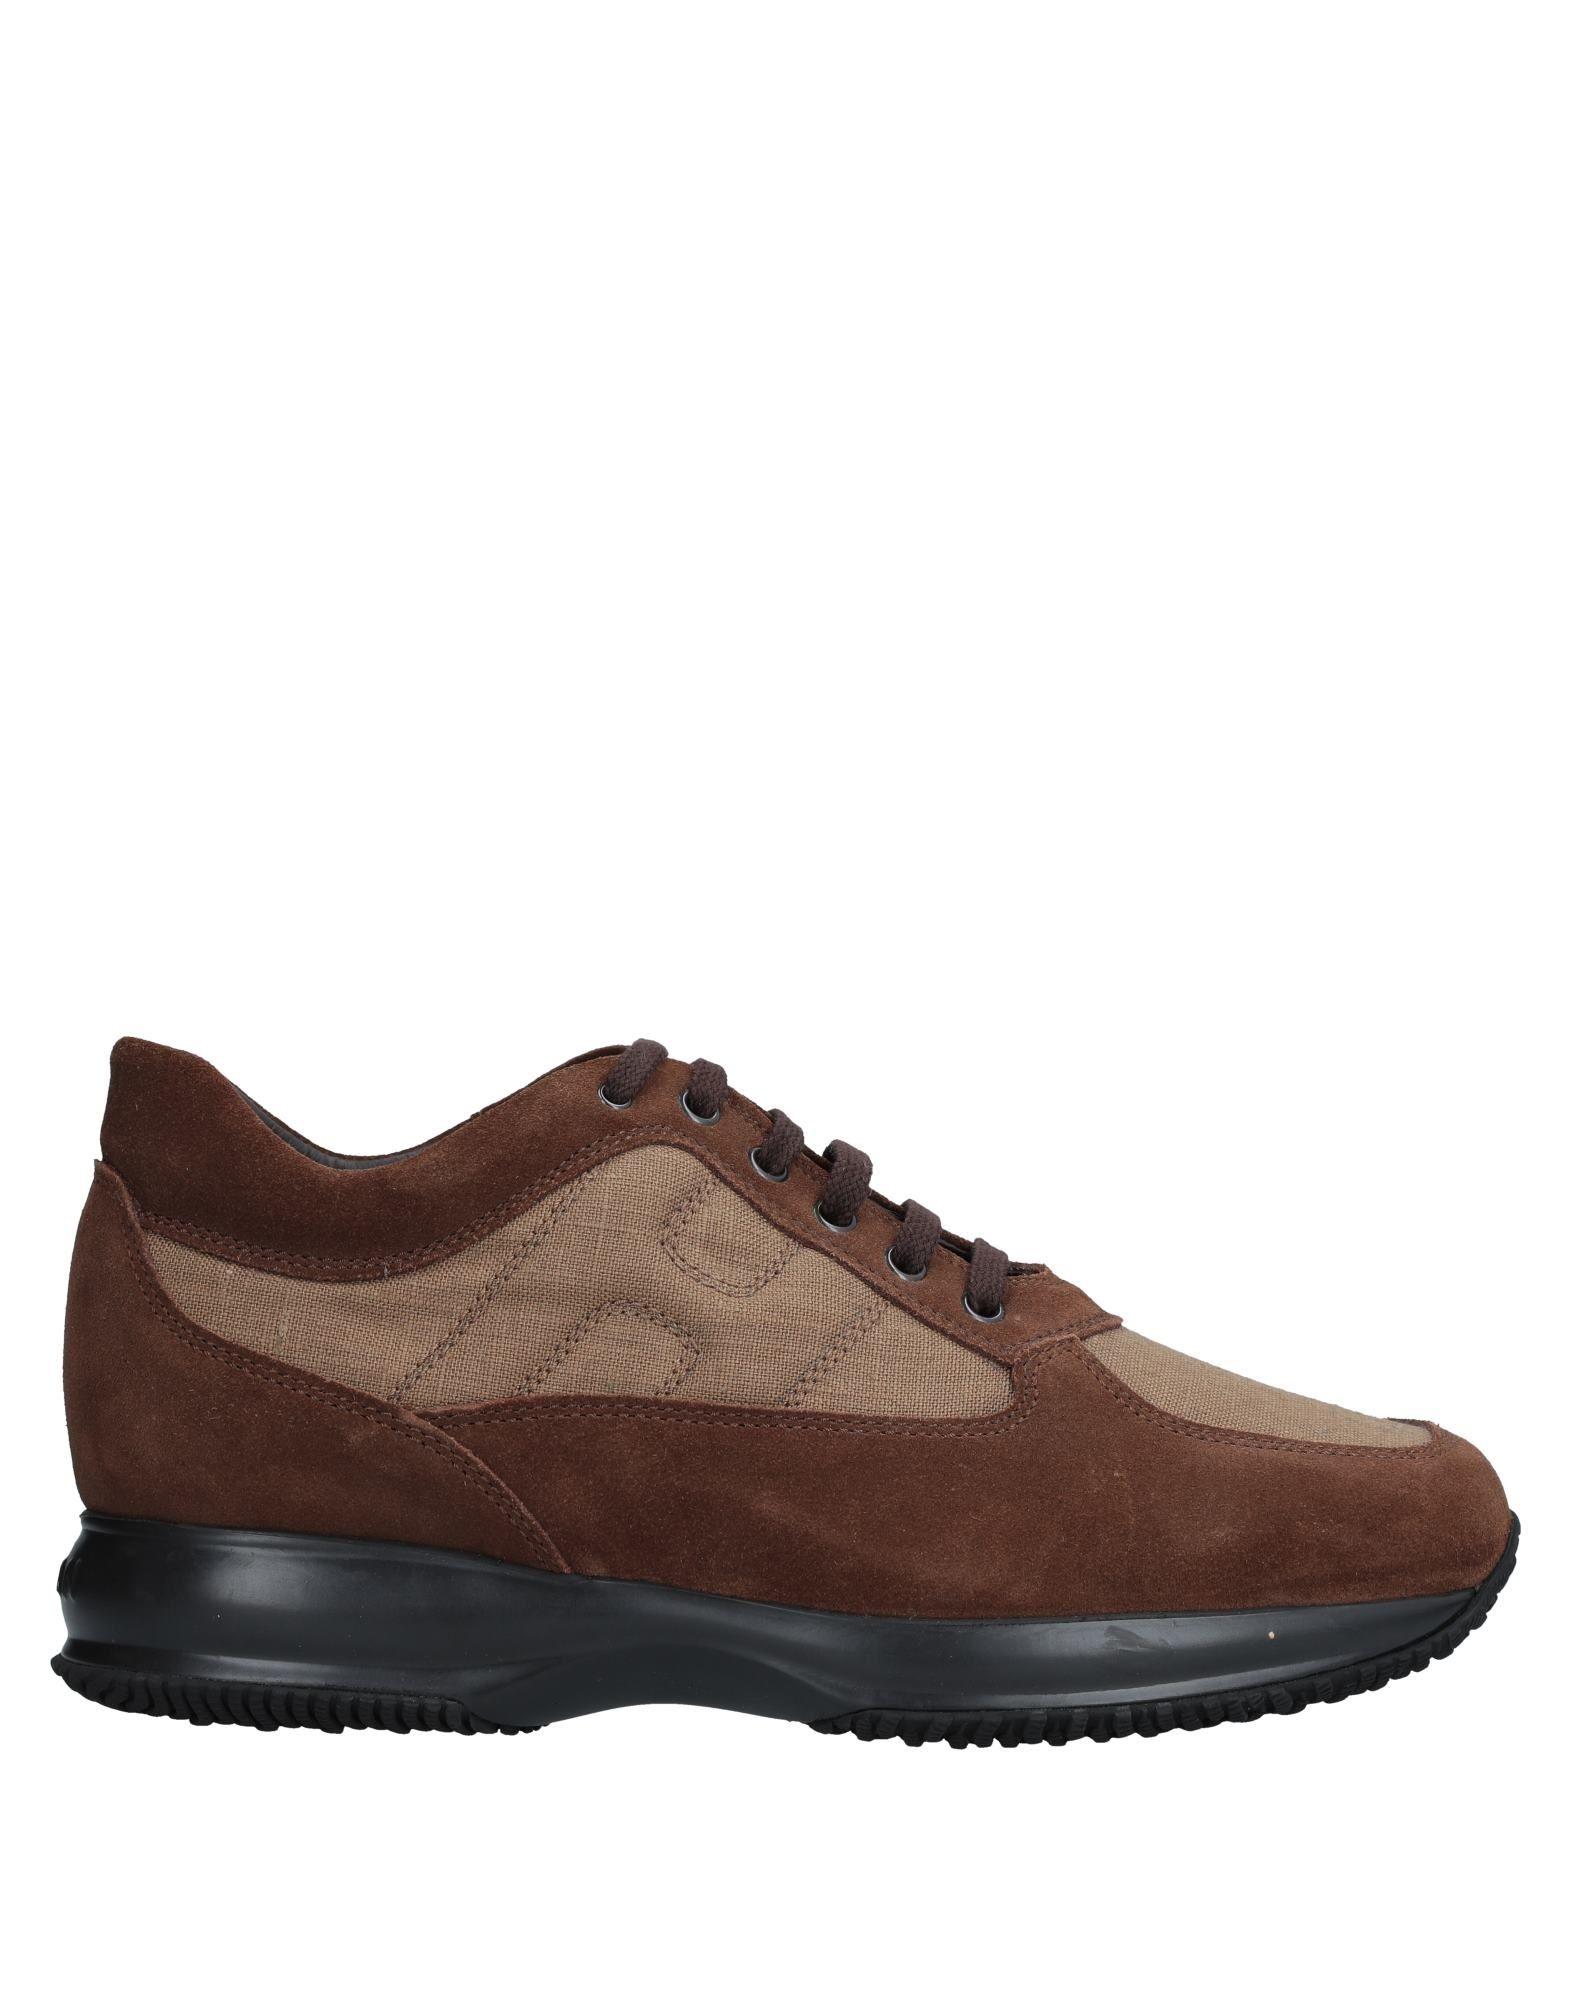 Moda Hogan Sneakers Hogan Moda Uomo - 11230852JO ef7de4